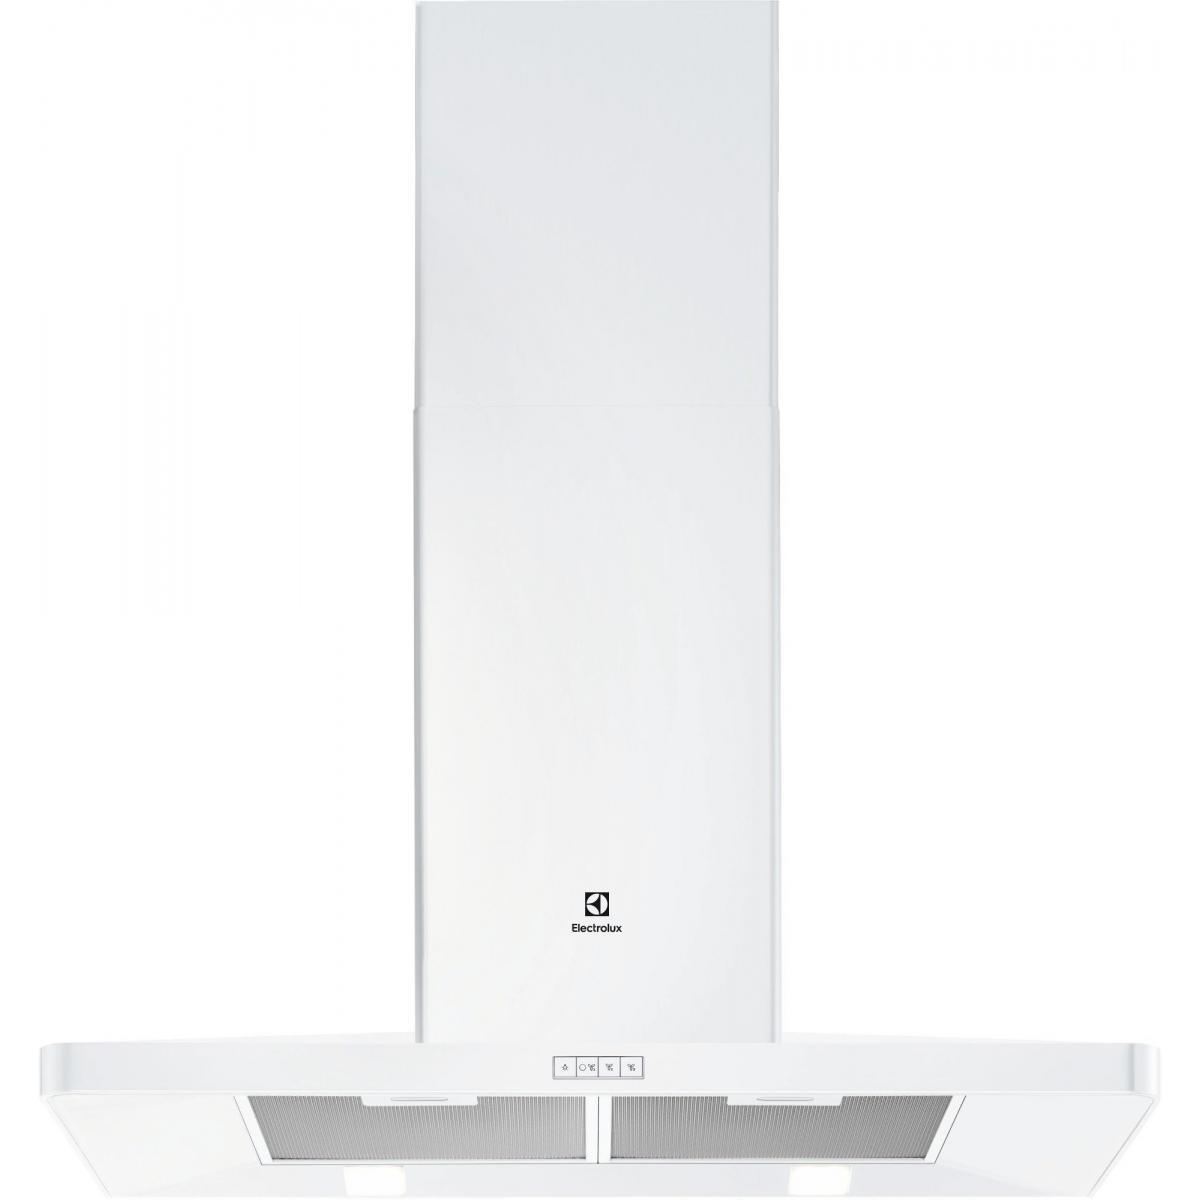 Electrolux Hotte décorative 603m³/h ELECTROLUX 90cm A, EFF 90462 OW